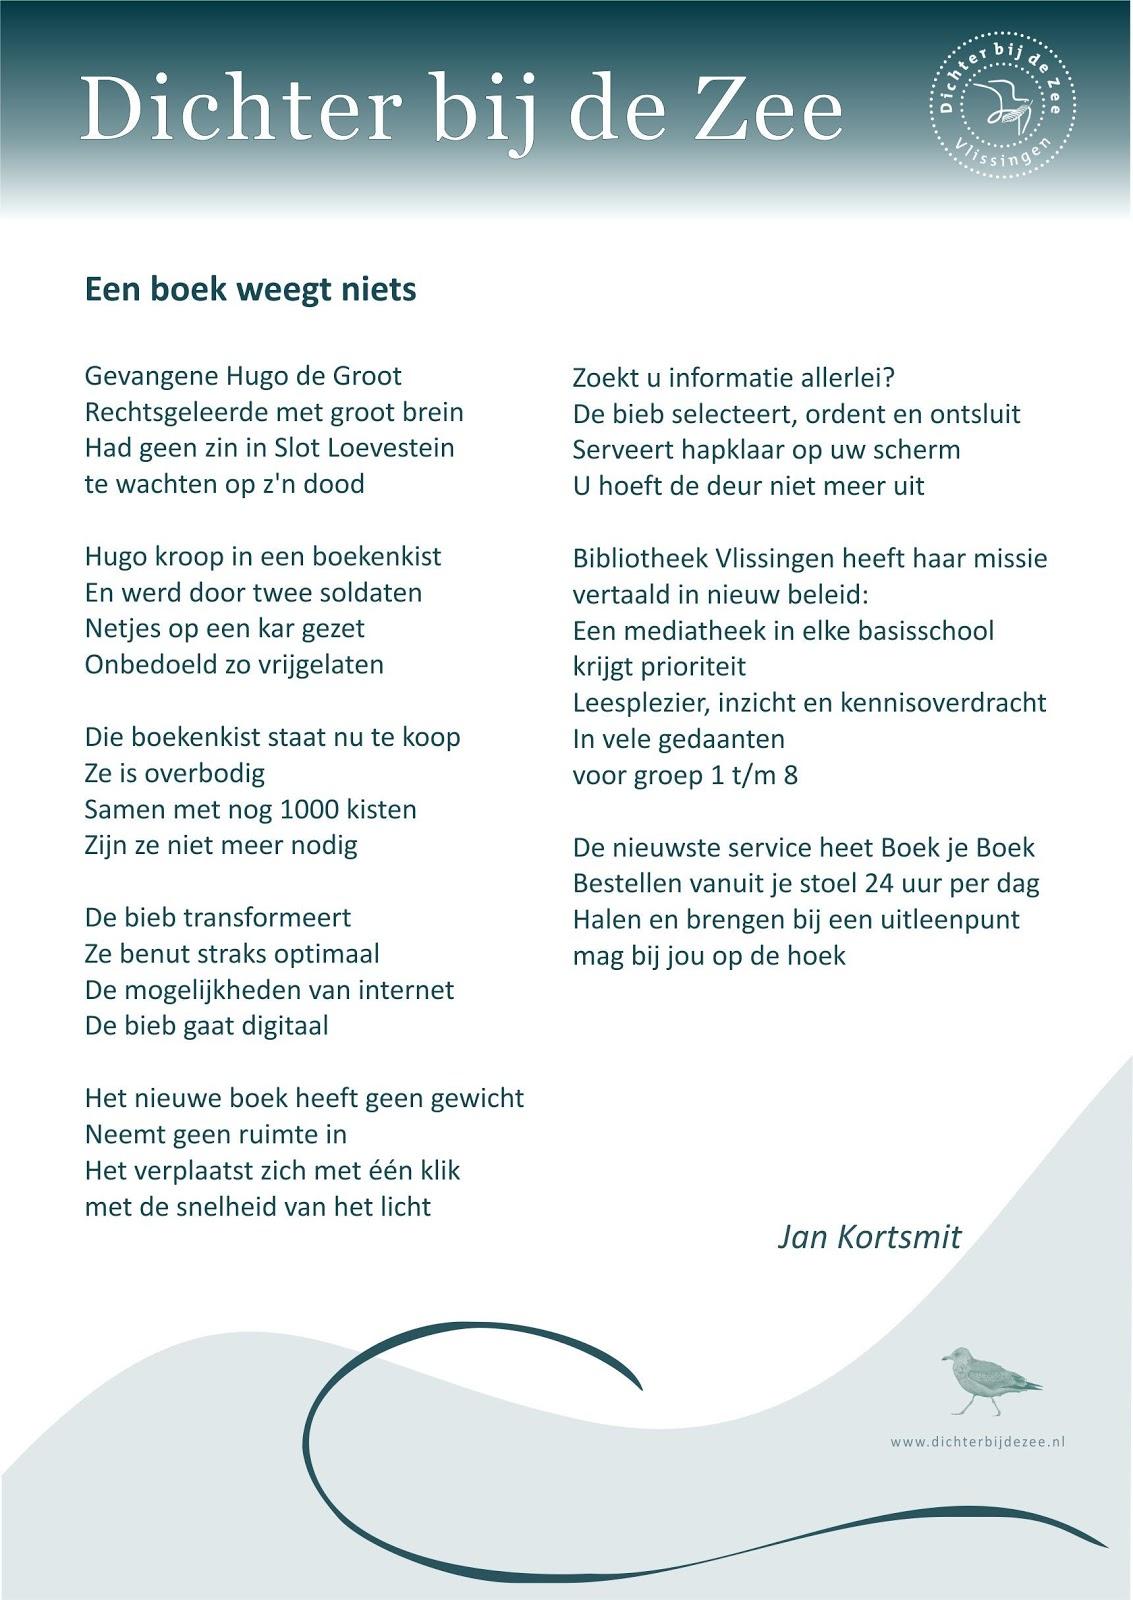 Dichter Bij De Zee 2012